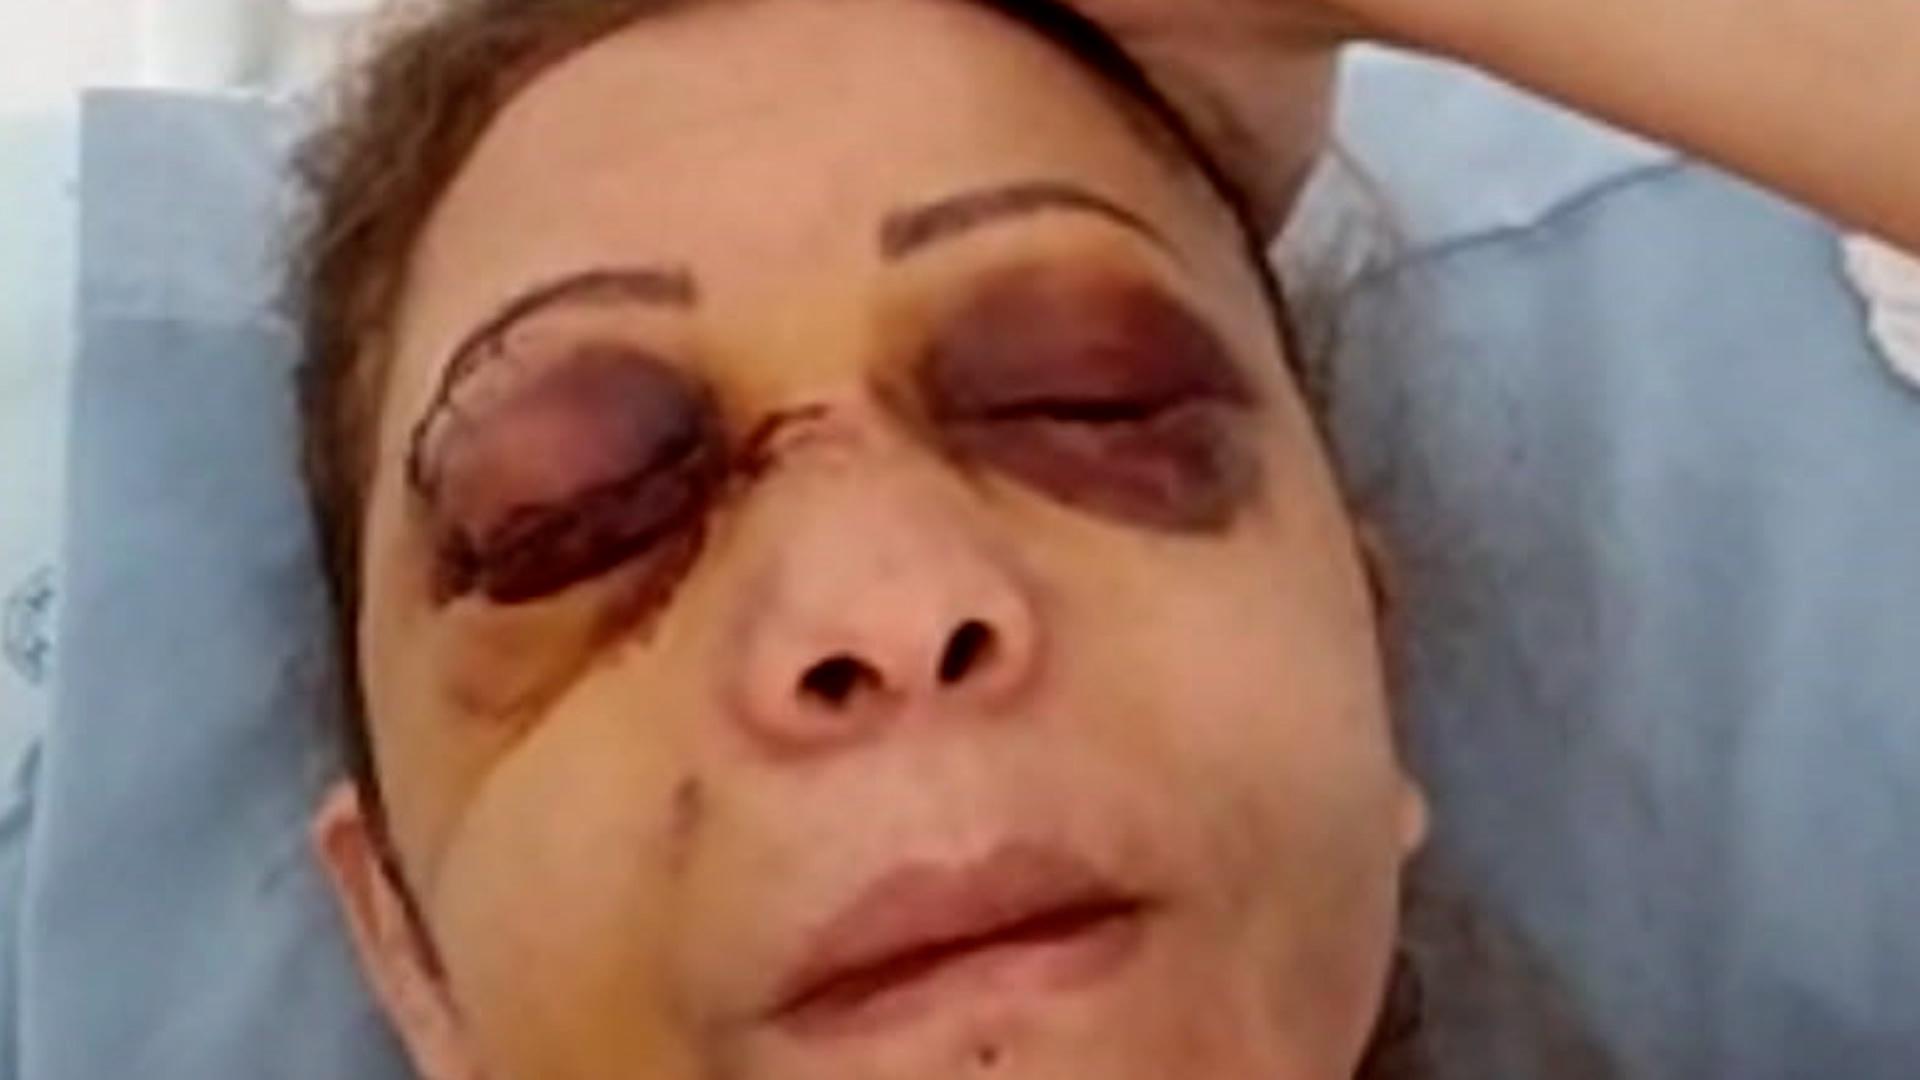 Costureira perde um olho após ser espancada